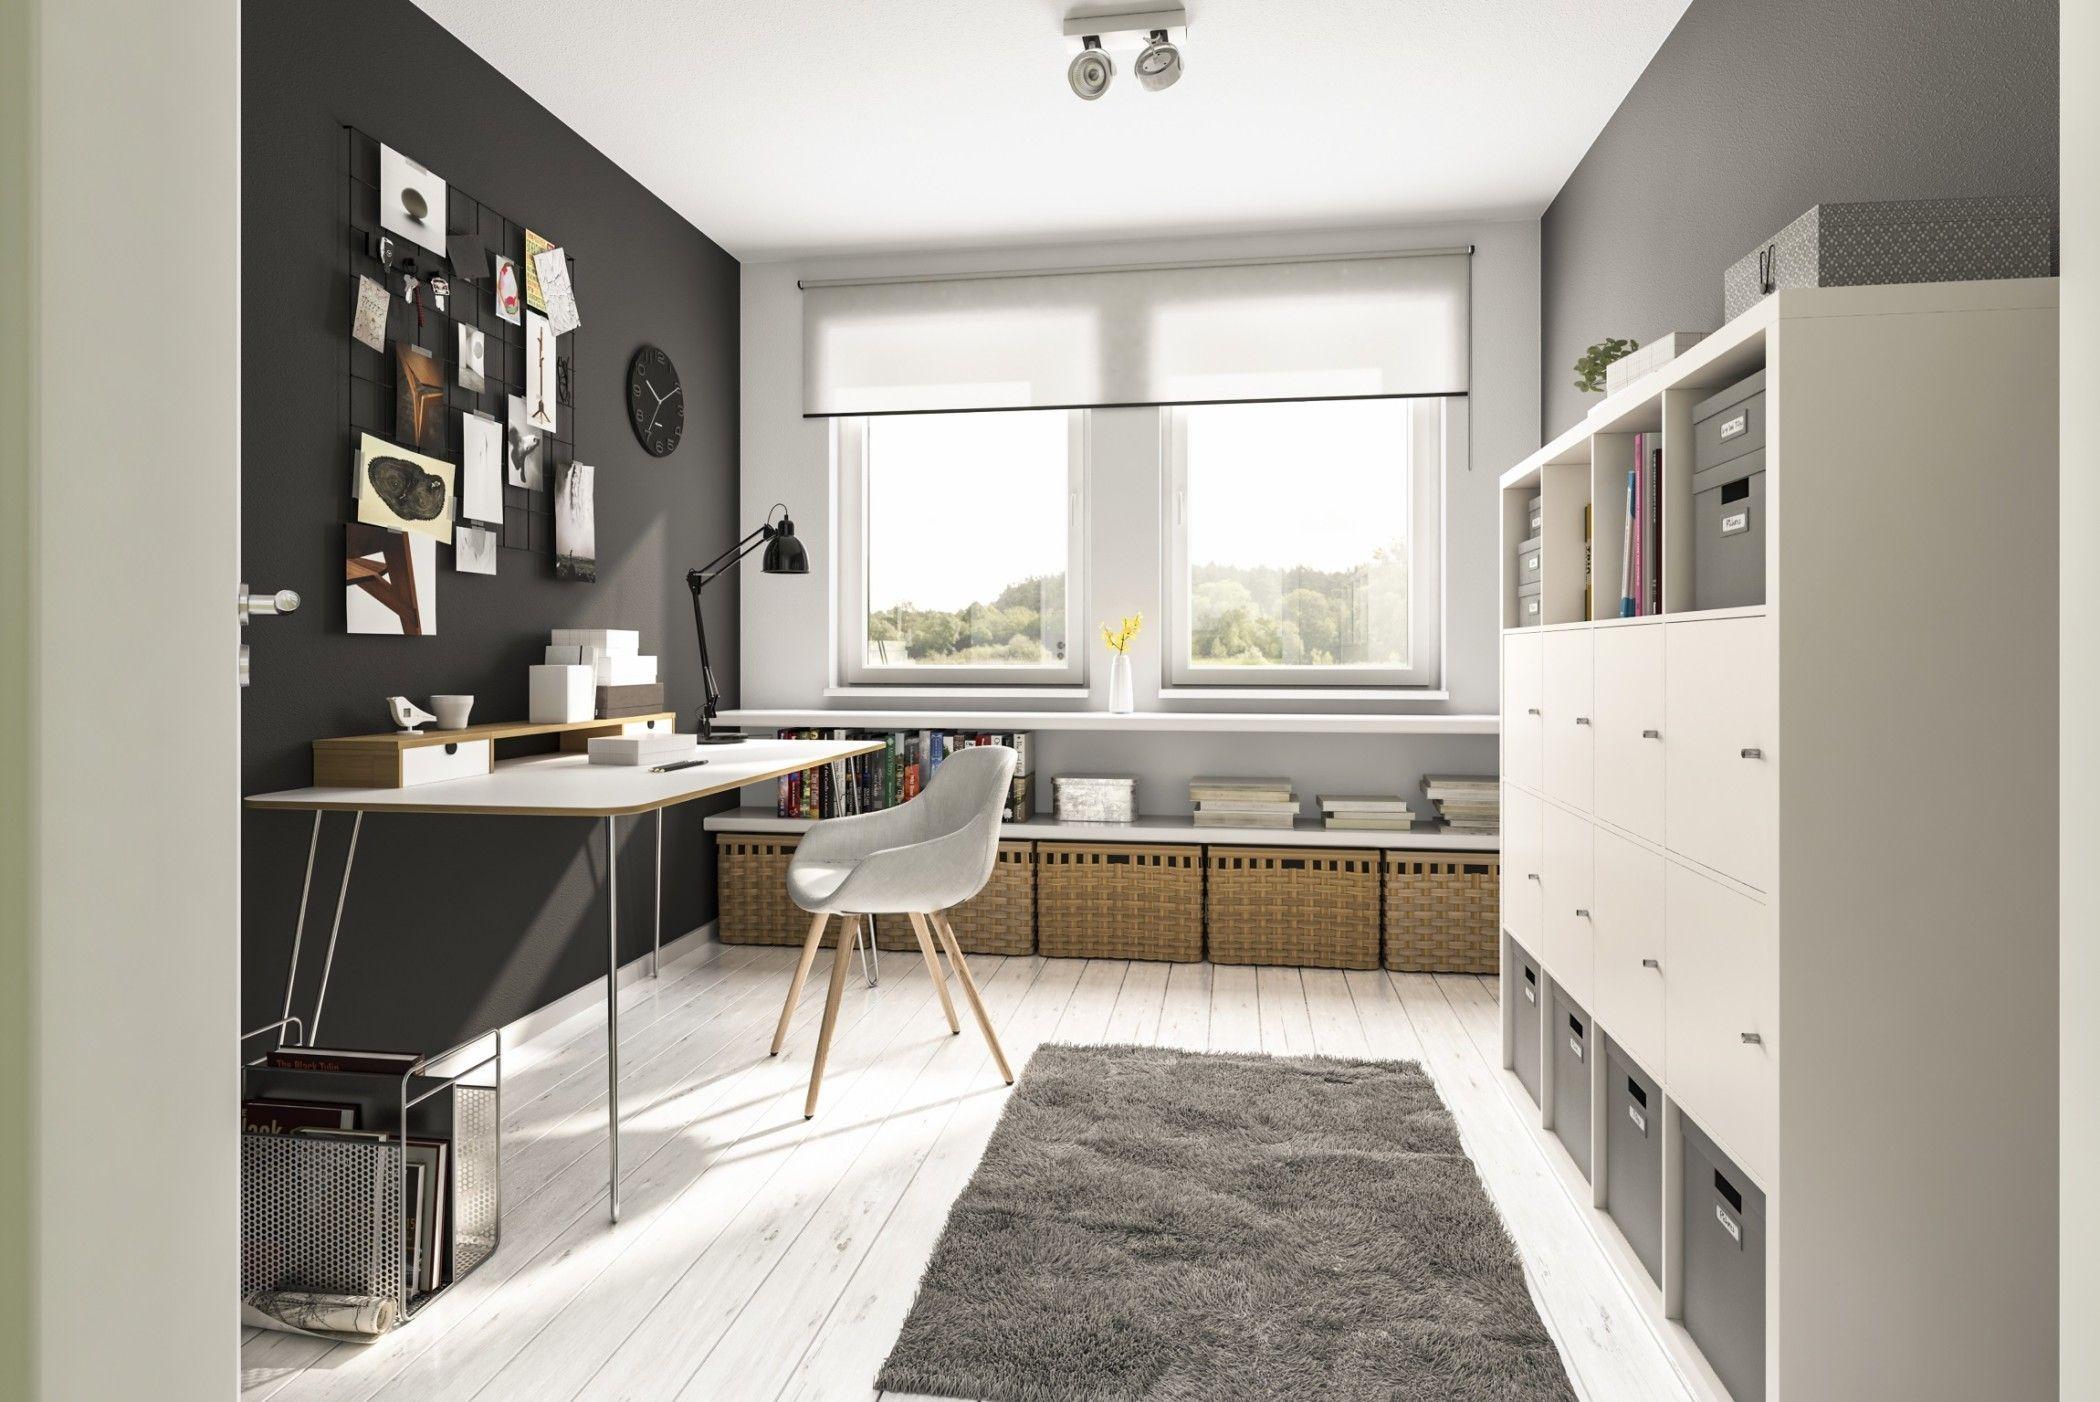 Arbeitszimmer Modern Einrichten Mit Schreibtisch Wandfarbe Grau Mobel Weiss Mit Holz Ideen Innenei Town Country Haus Einfamilienhaus Inneneinrichtung Ideen